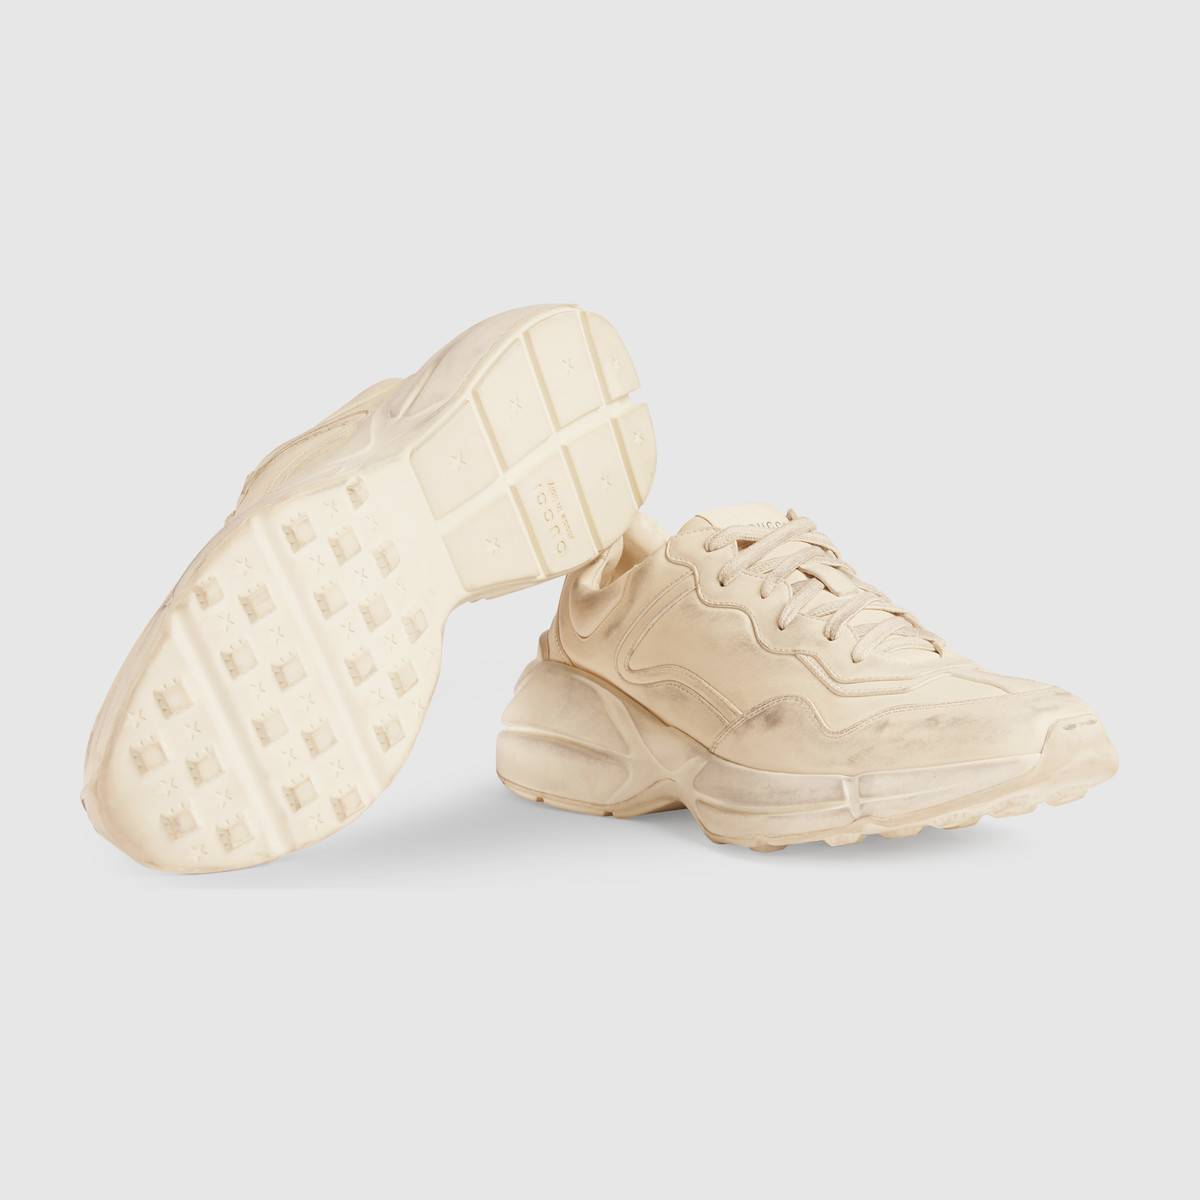 Nuove scarpe uomo Gucci Rhyton inverno 2017 2018 prezzo 650 euro